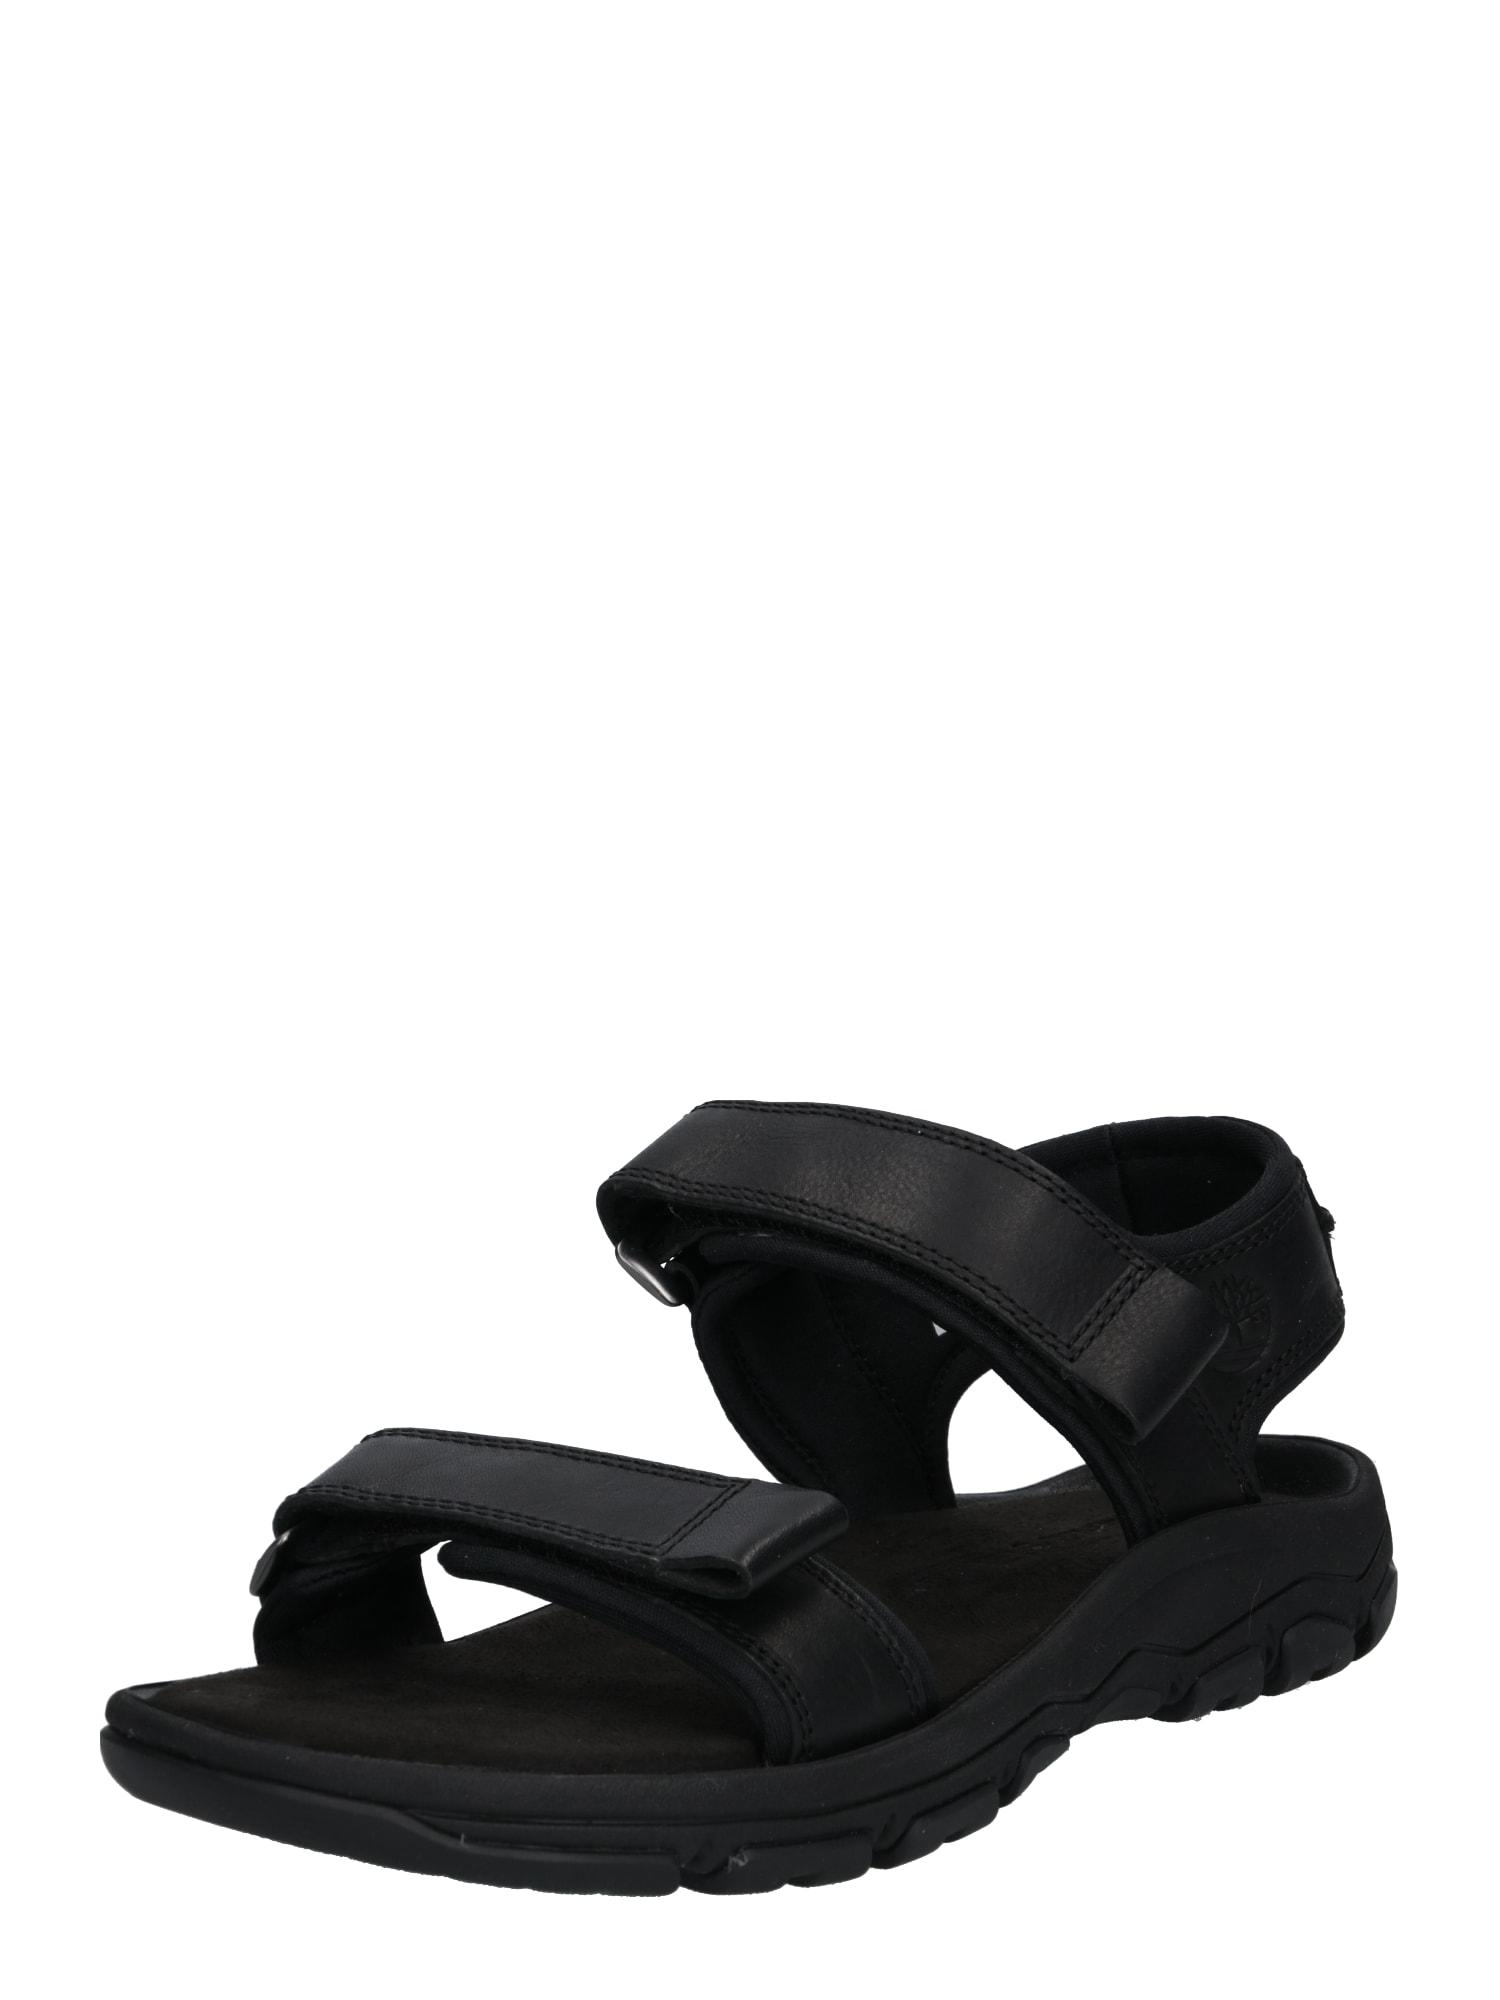 Trekingové sandály Roslindale 2-Strap černá TIMBERLAND